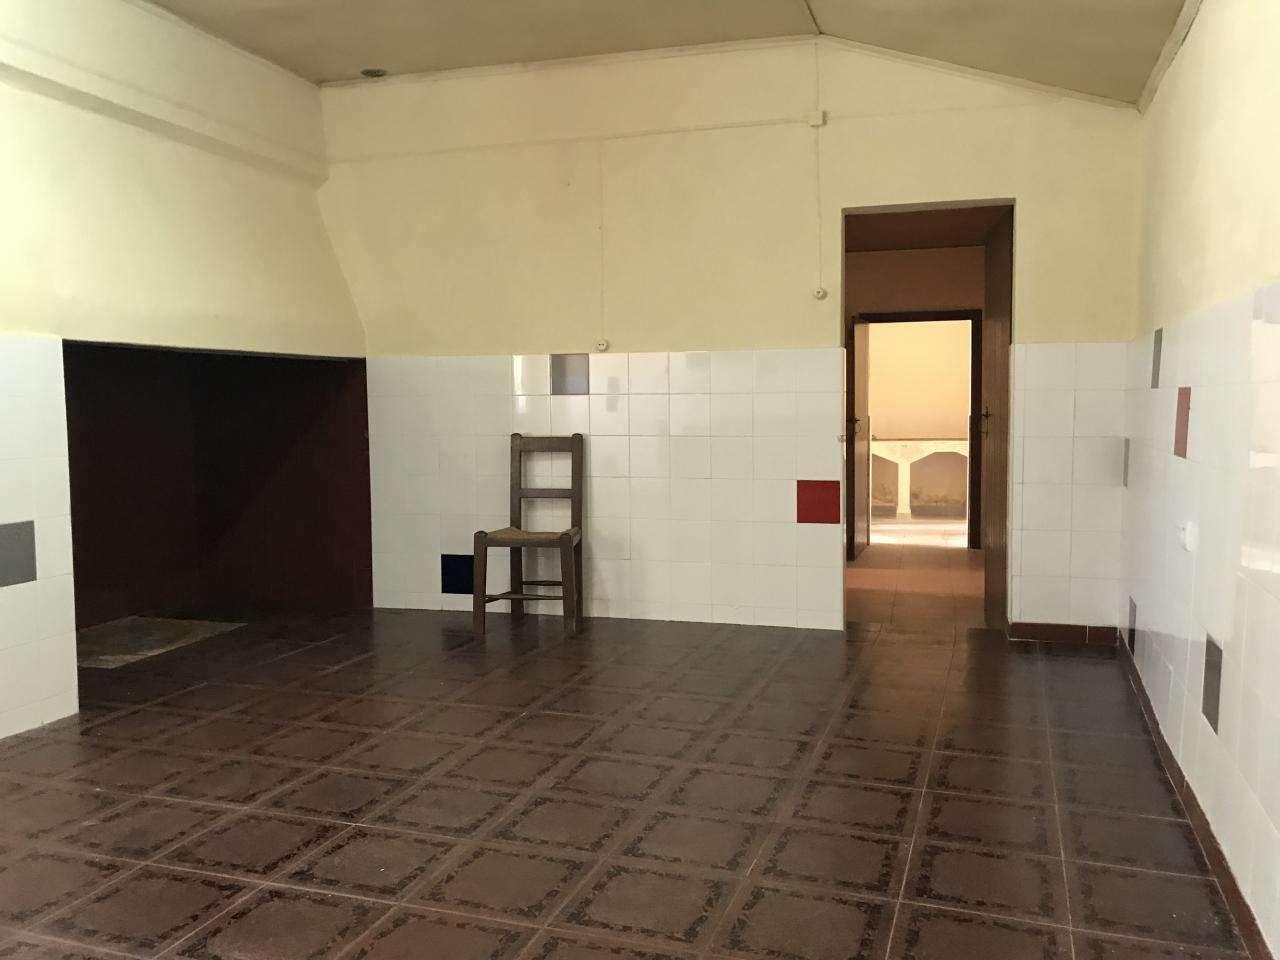 Quintas e herdades para comprar, Cortiçadas de Lavre e Lavre, Montemor-o-Novo, Évora - Foto 30